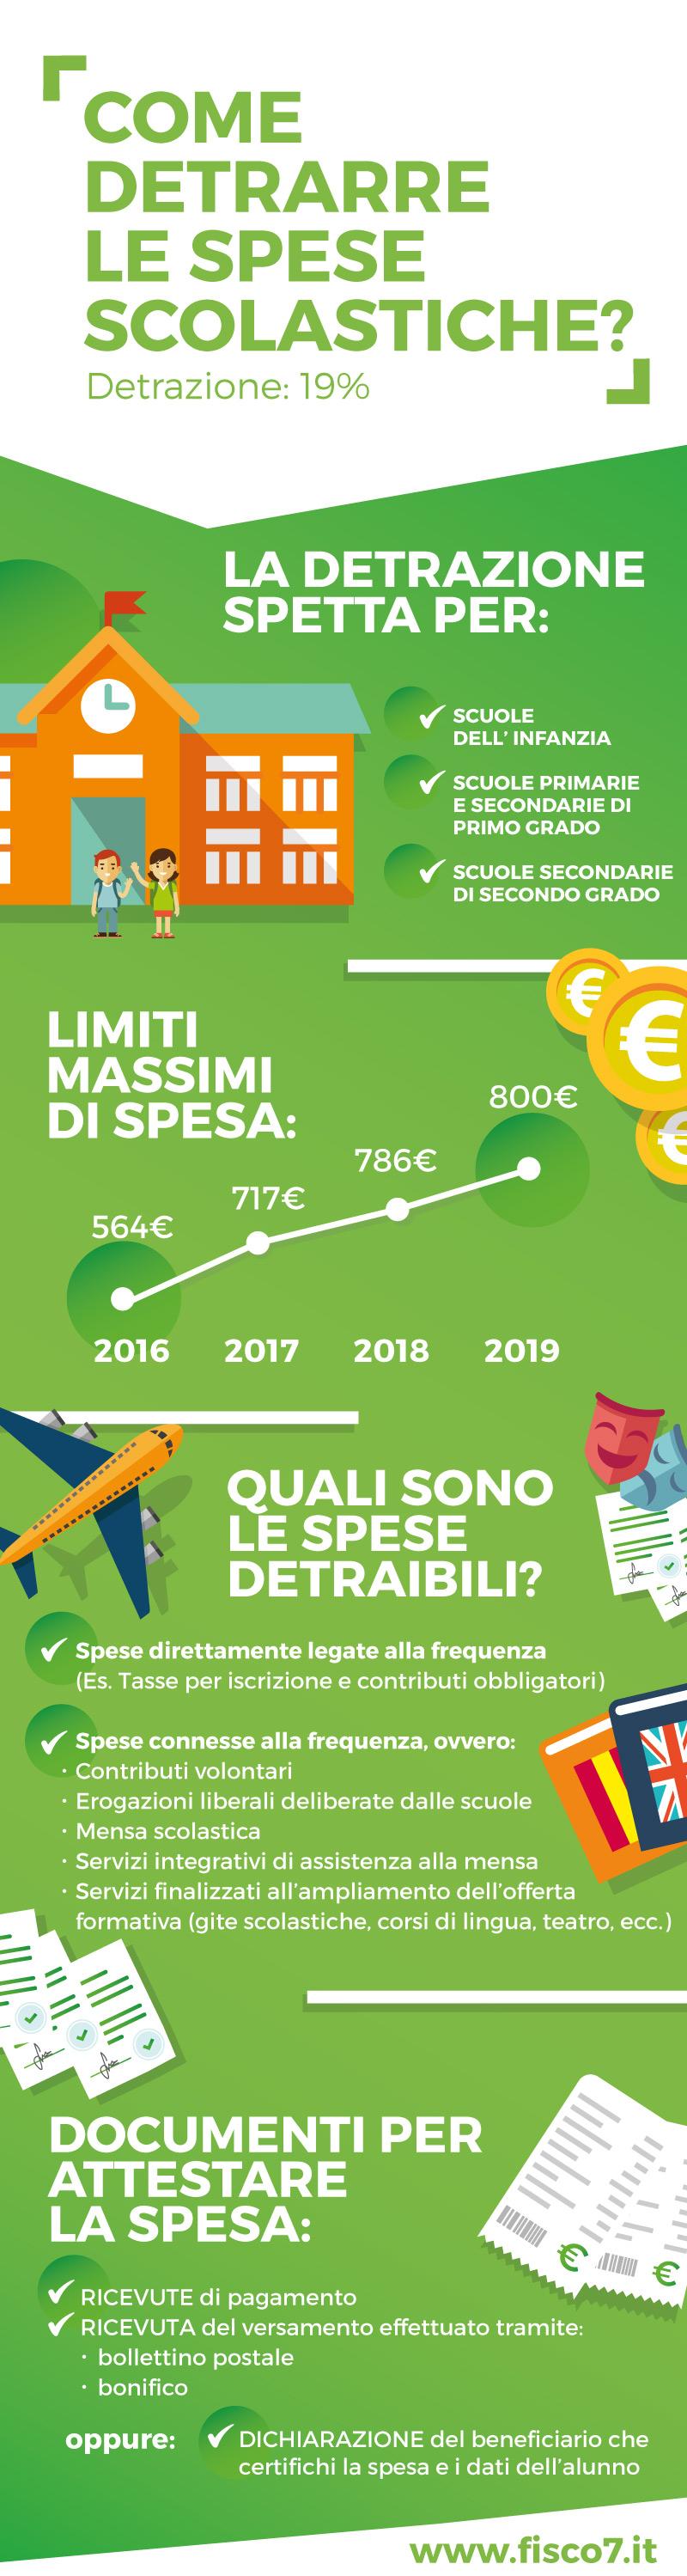 infografica_spese_scolastiche